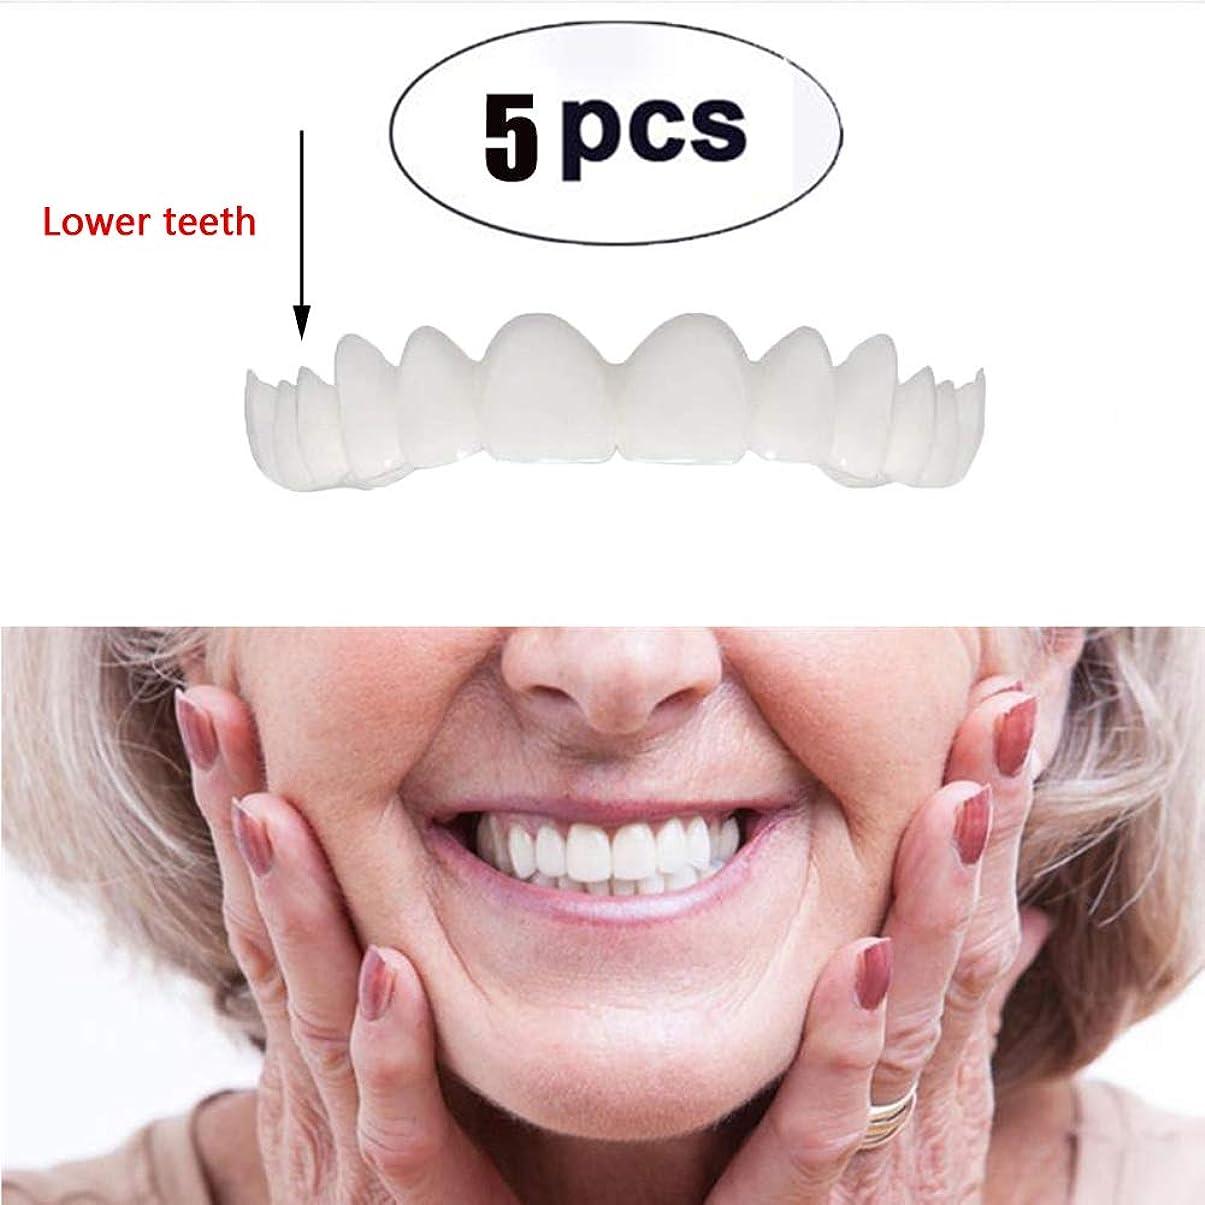 ジェームズダイソン市区町村面白い5ピース下の歯一時的な化粧品の歯化粧品模擬ブレースホワイトニング歯スナップキャップインスタント快適なフレックスパーフェクトベニア